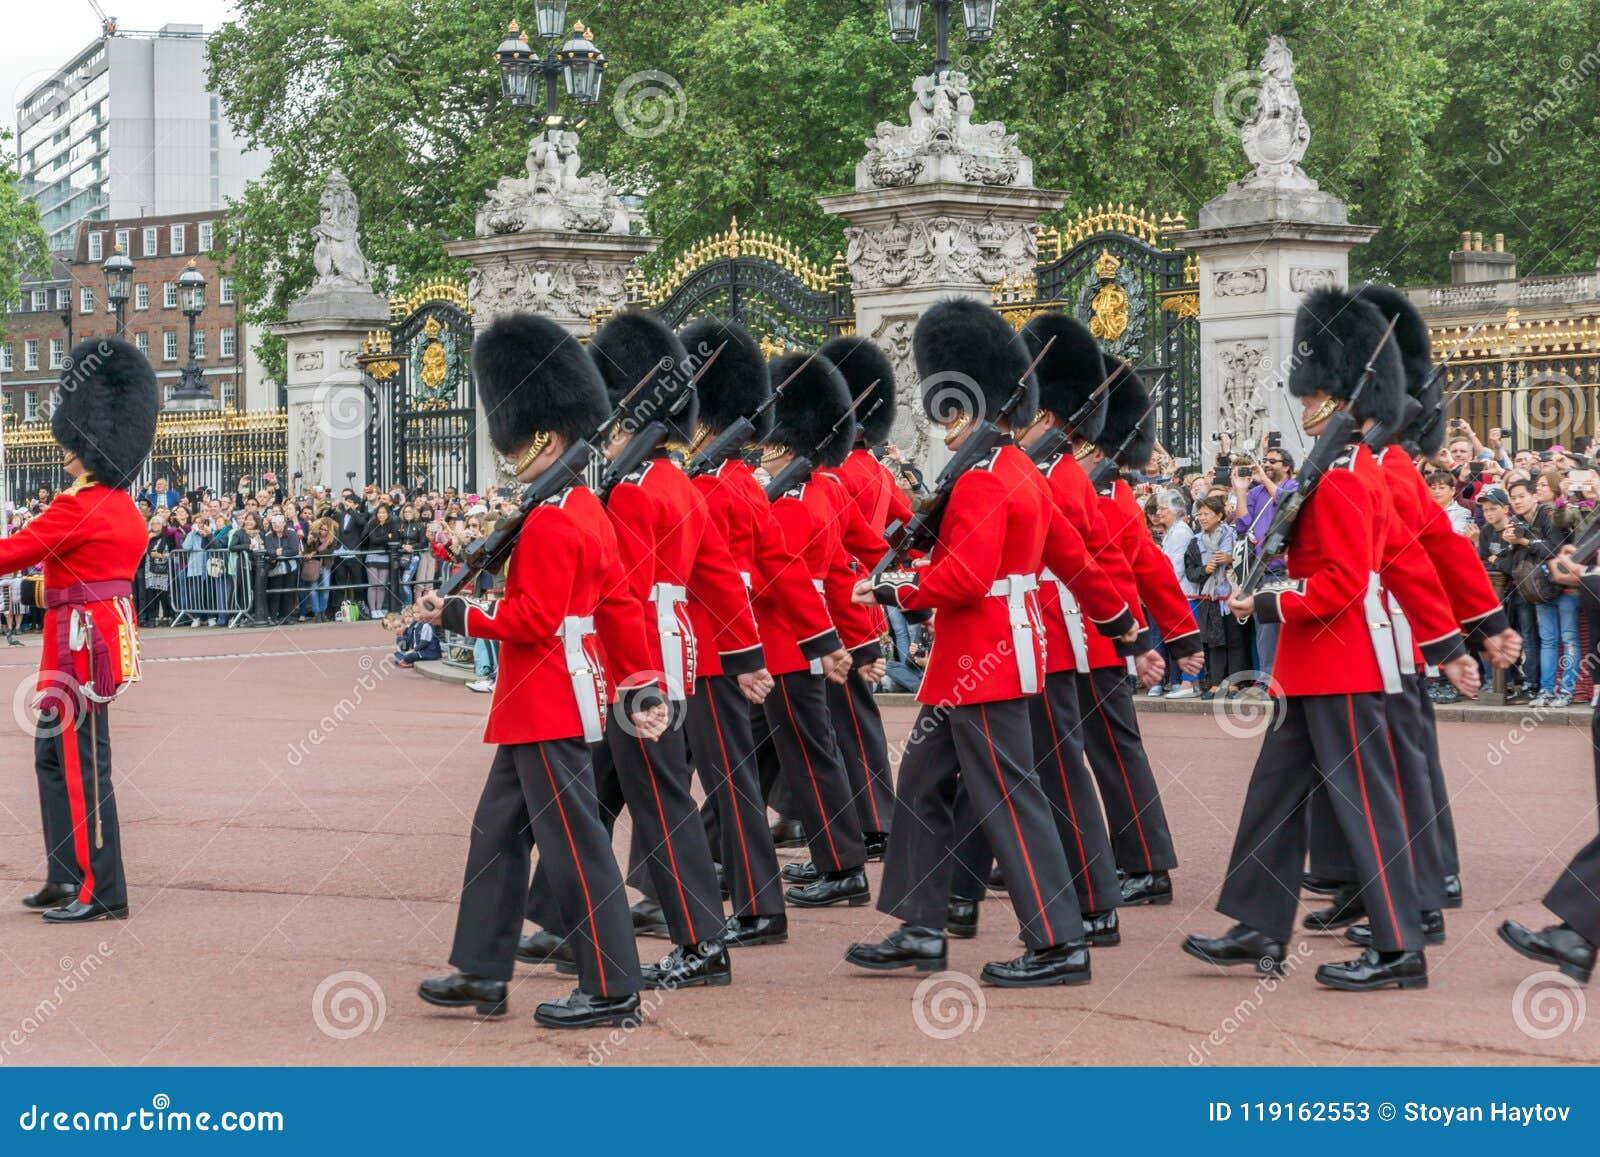 british royal guard gay video